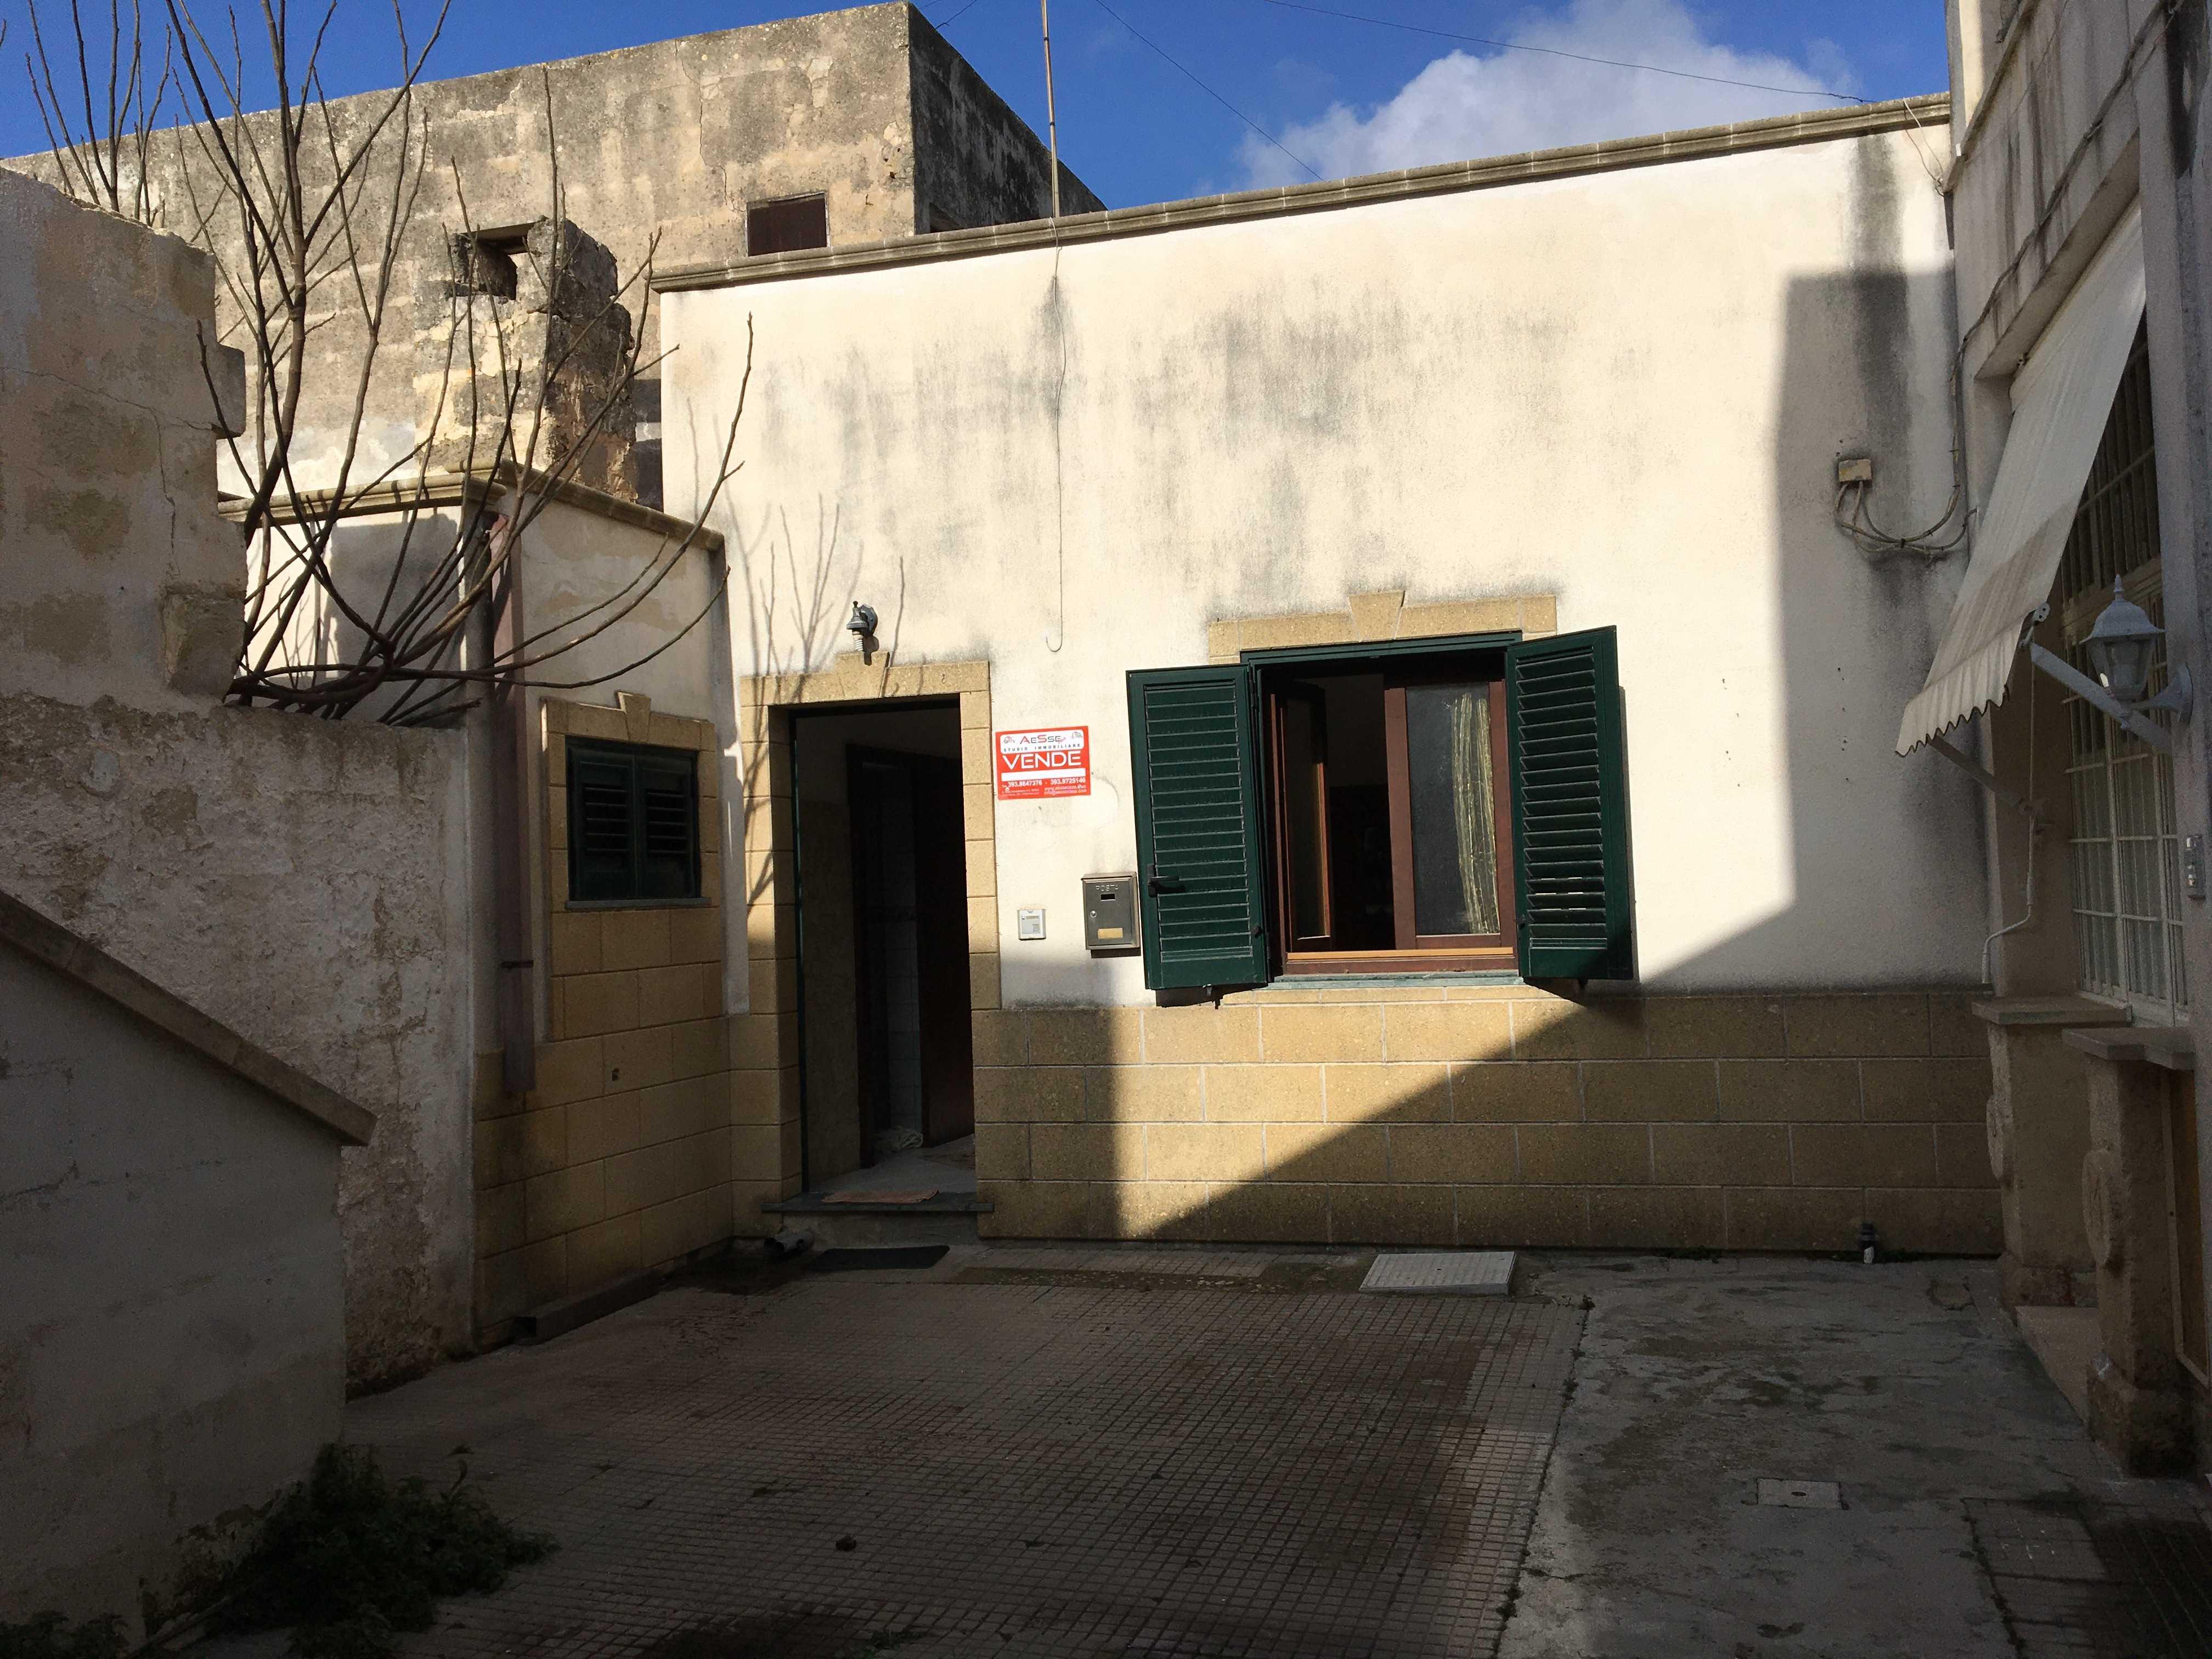 Vendite immobiliari Salento - Vendita appartamento Castrignano del Capo